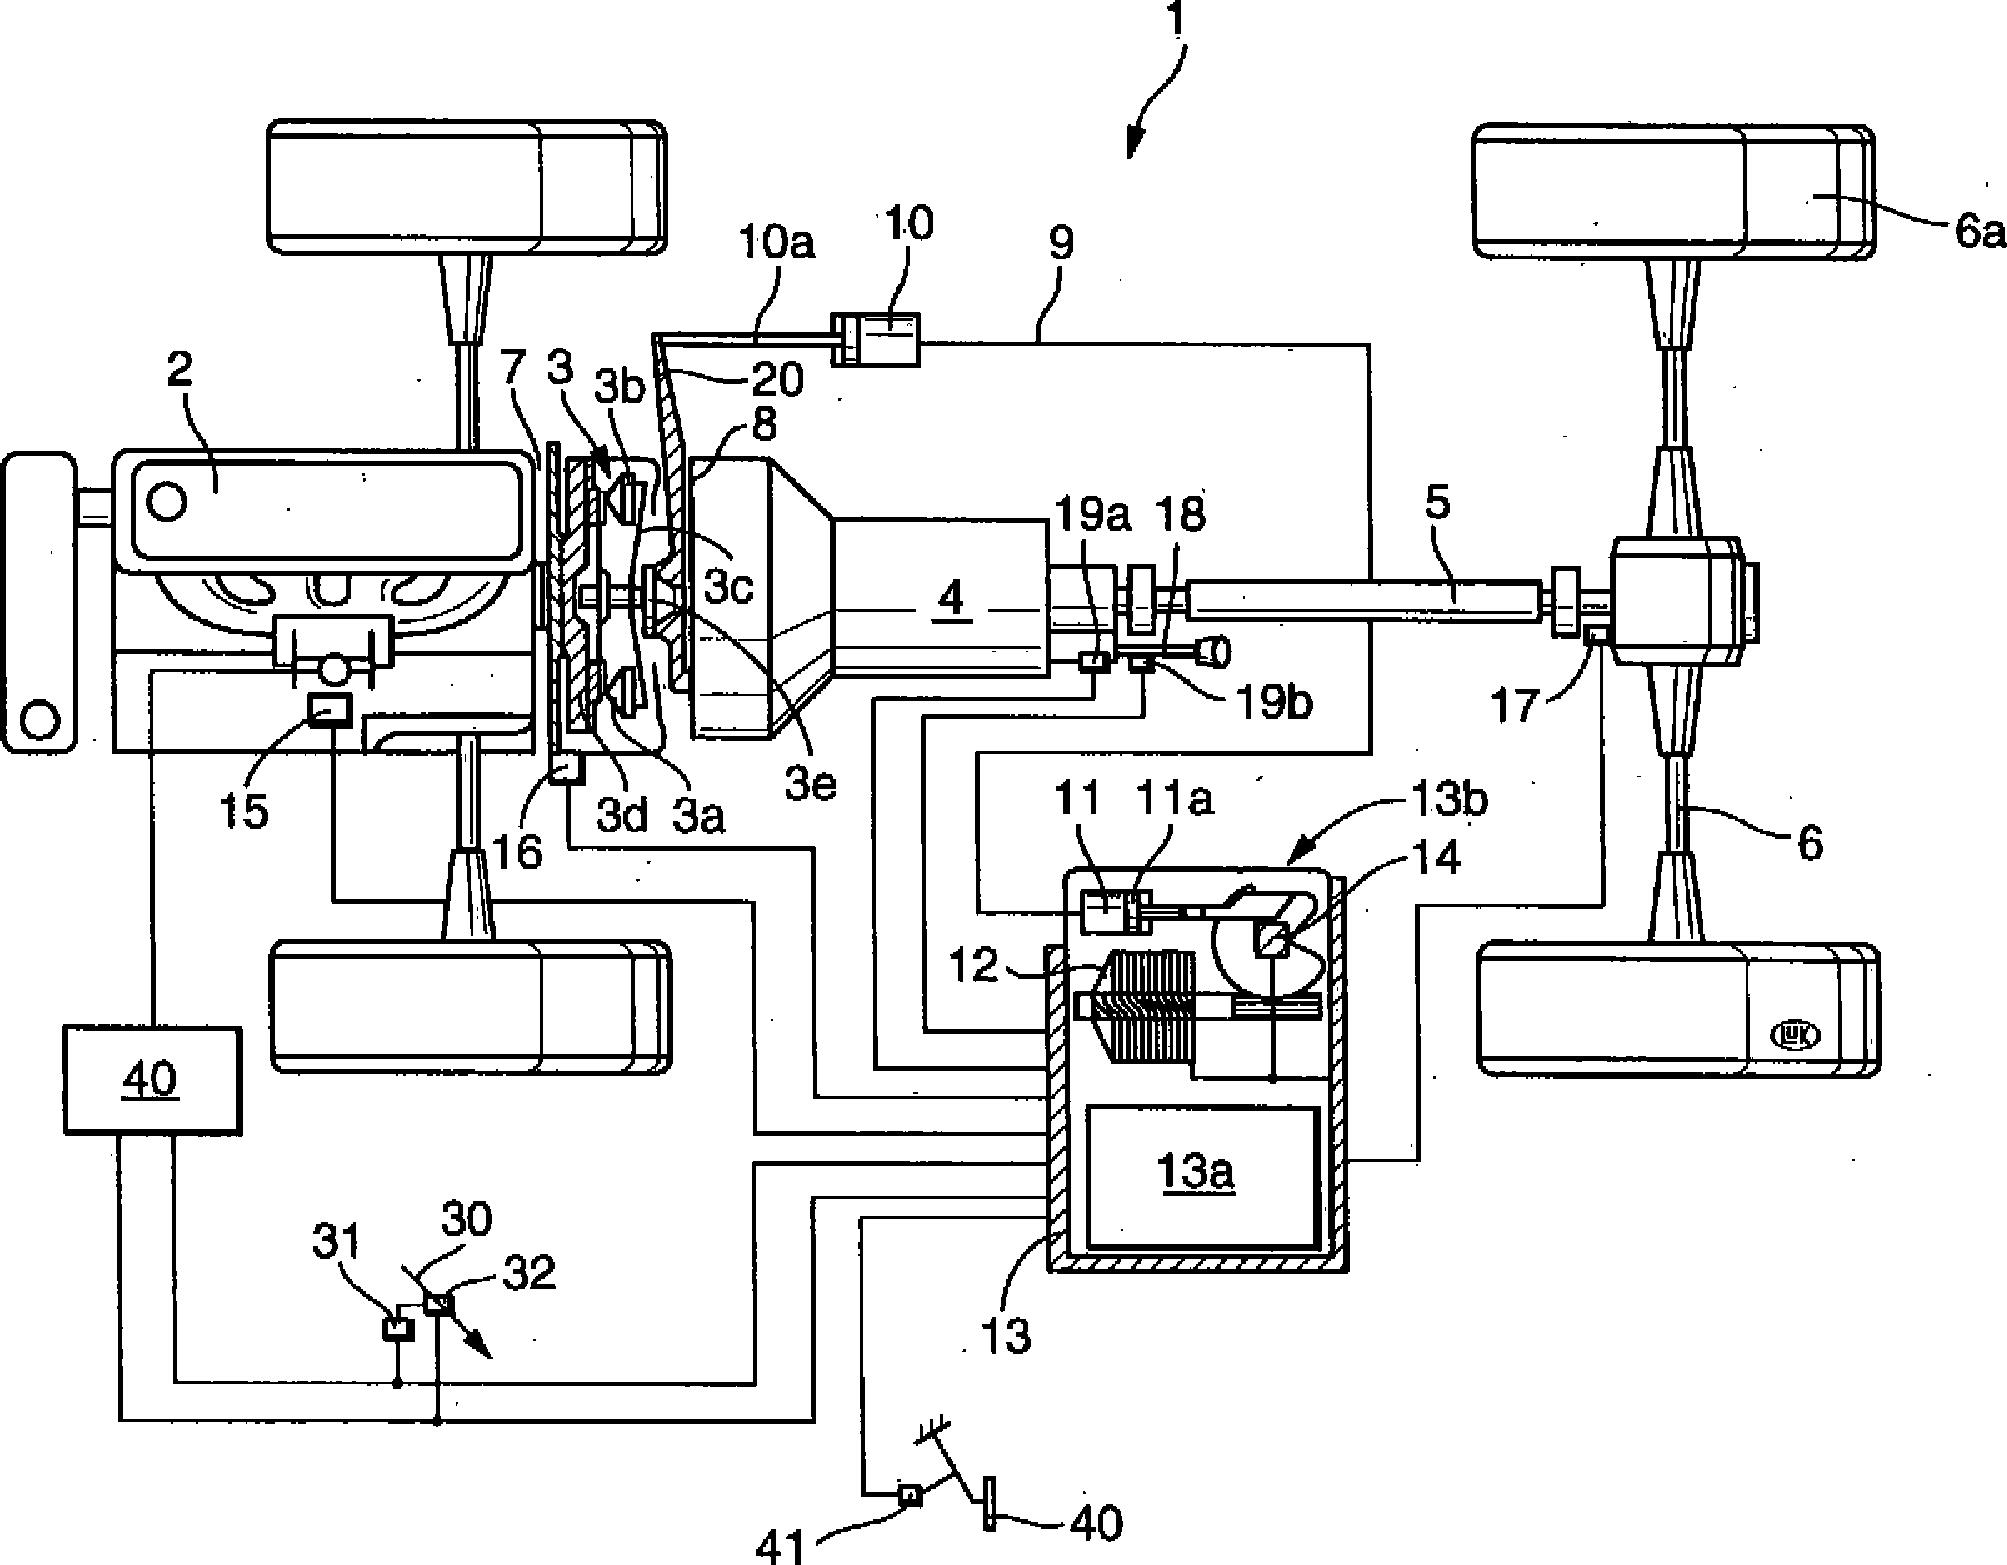 Figure DE000010230612B4_0001